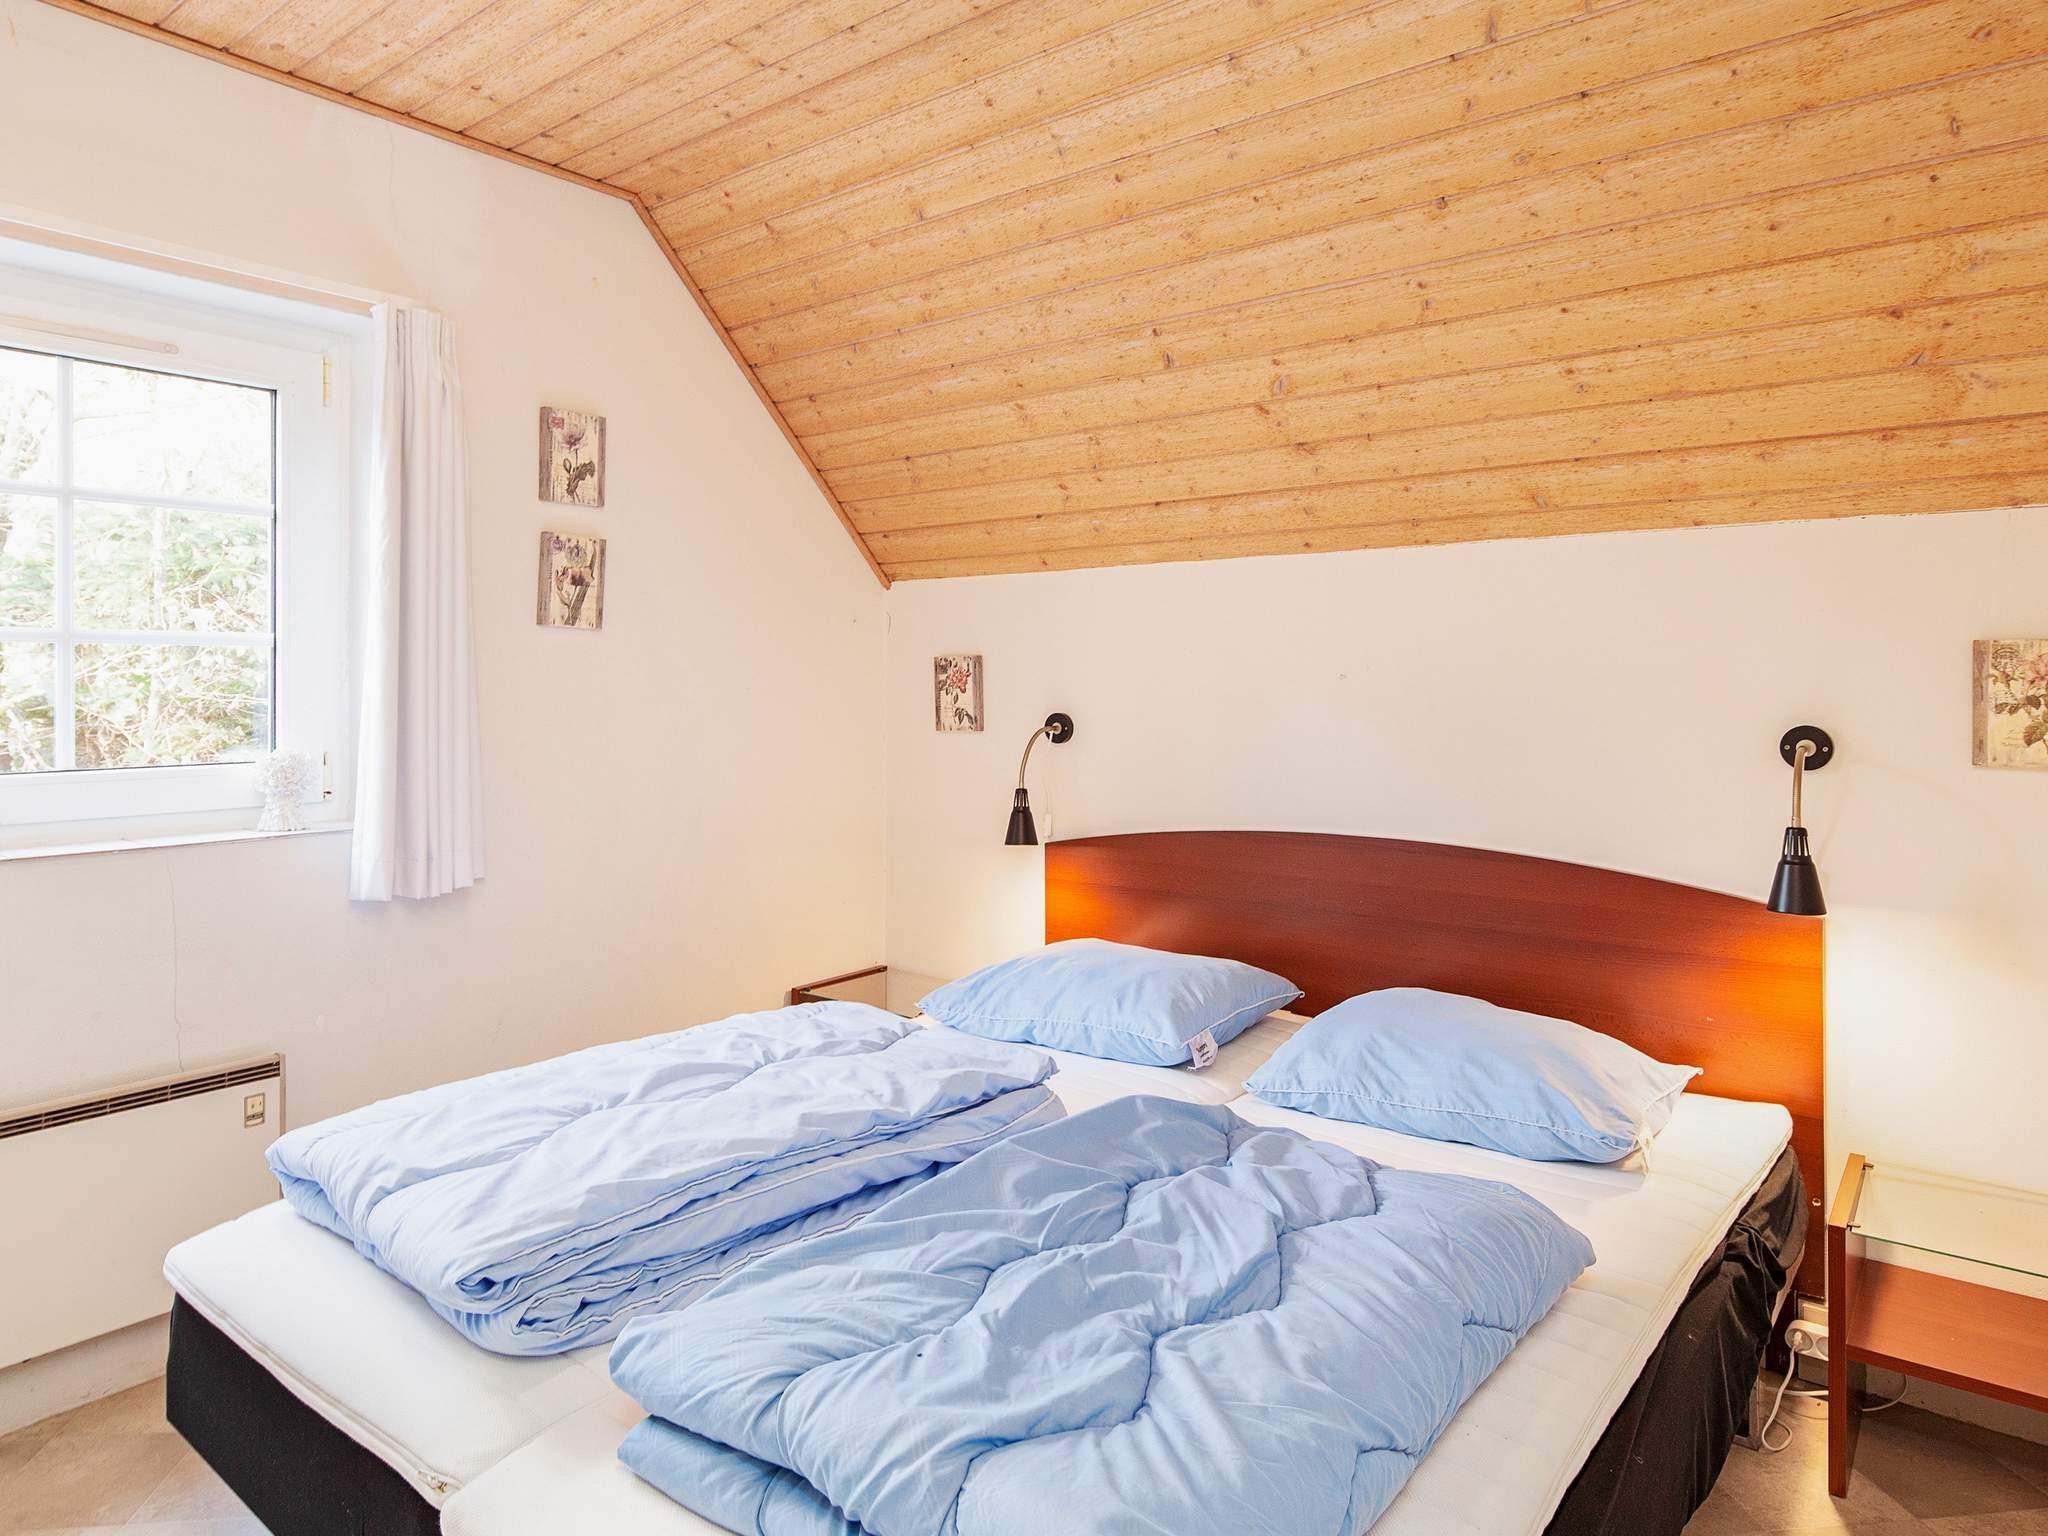 Ferienhaus Marielyst (83201), Marielyst, , Falster, Dänemark, Bild 11